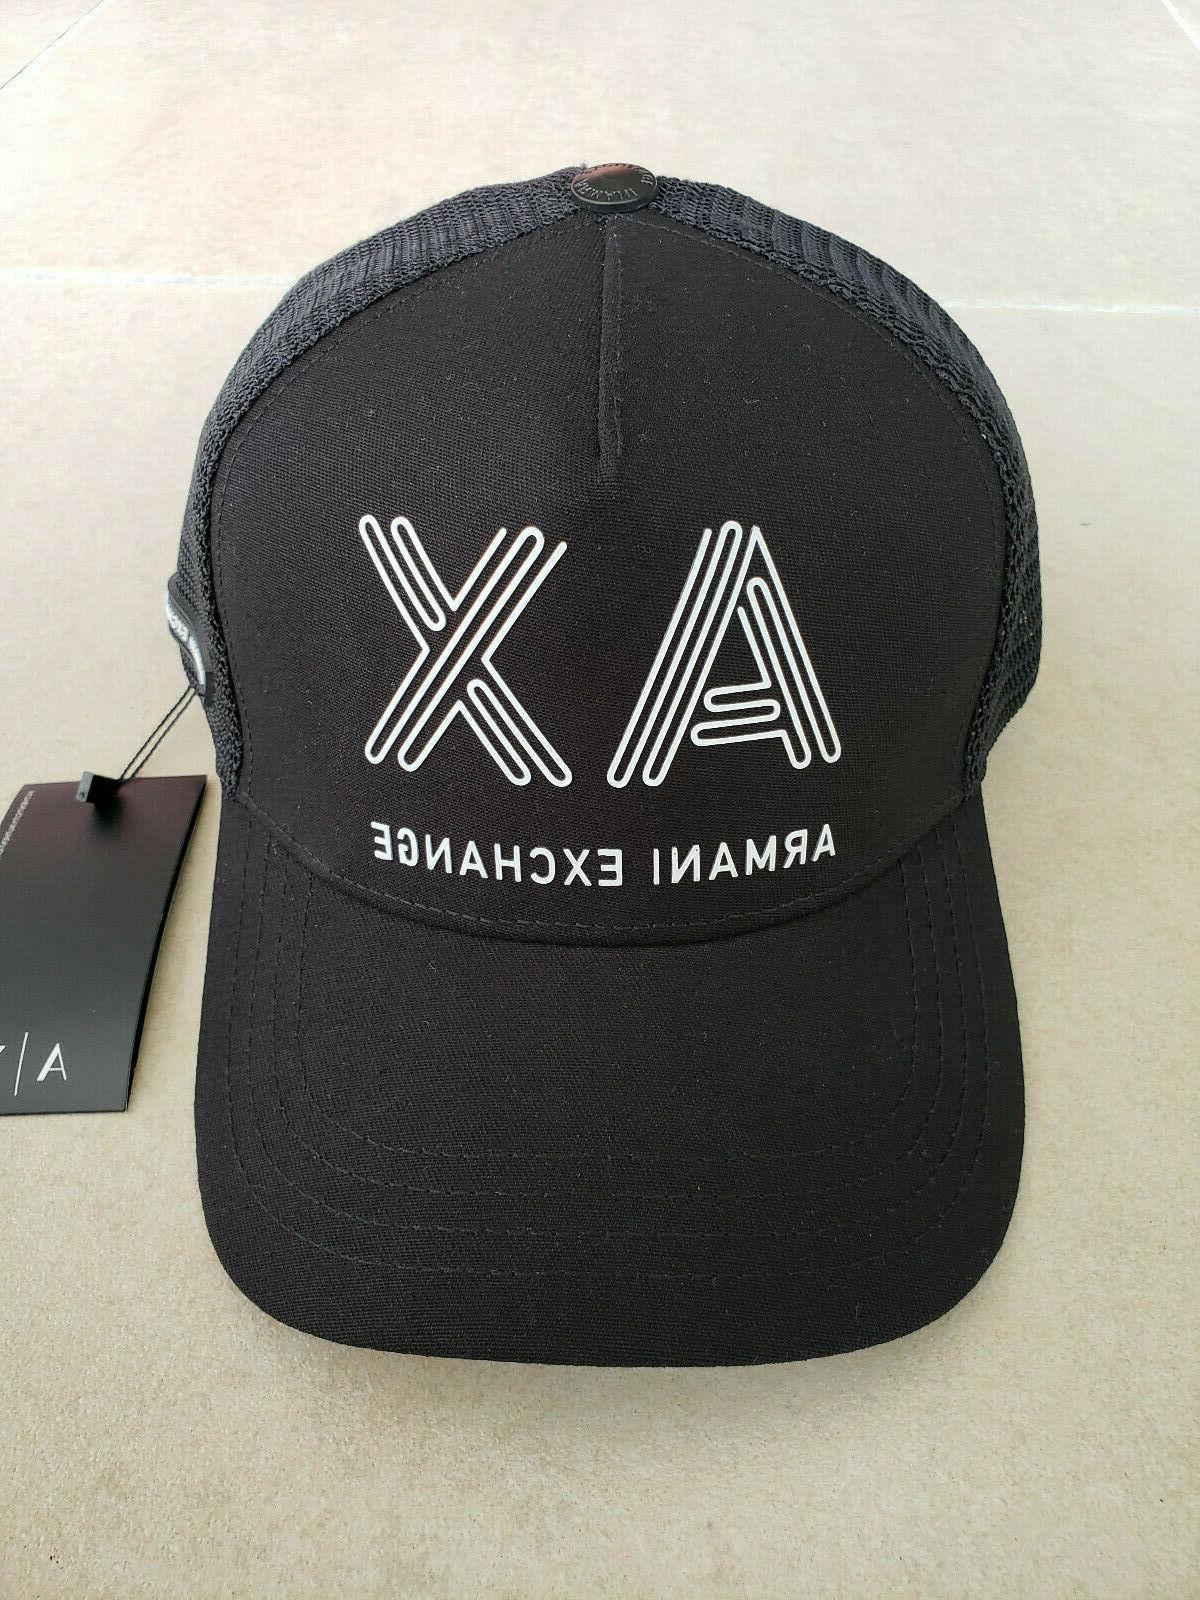 a x men s black baseball cap